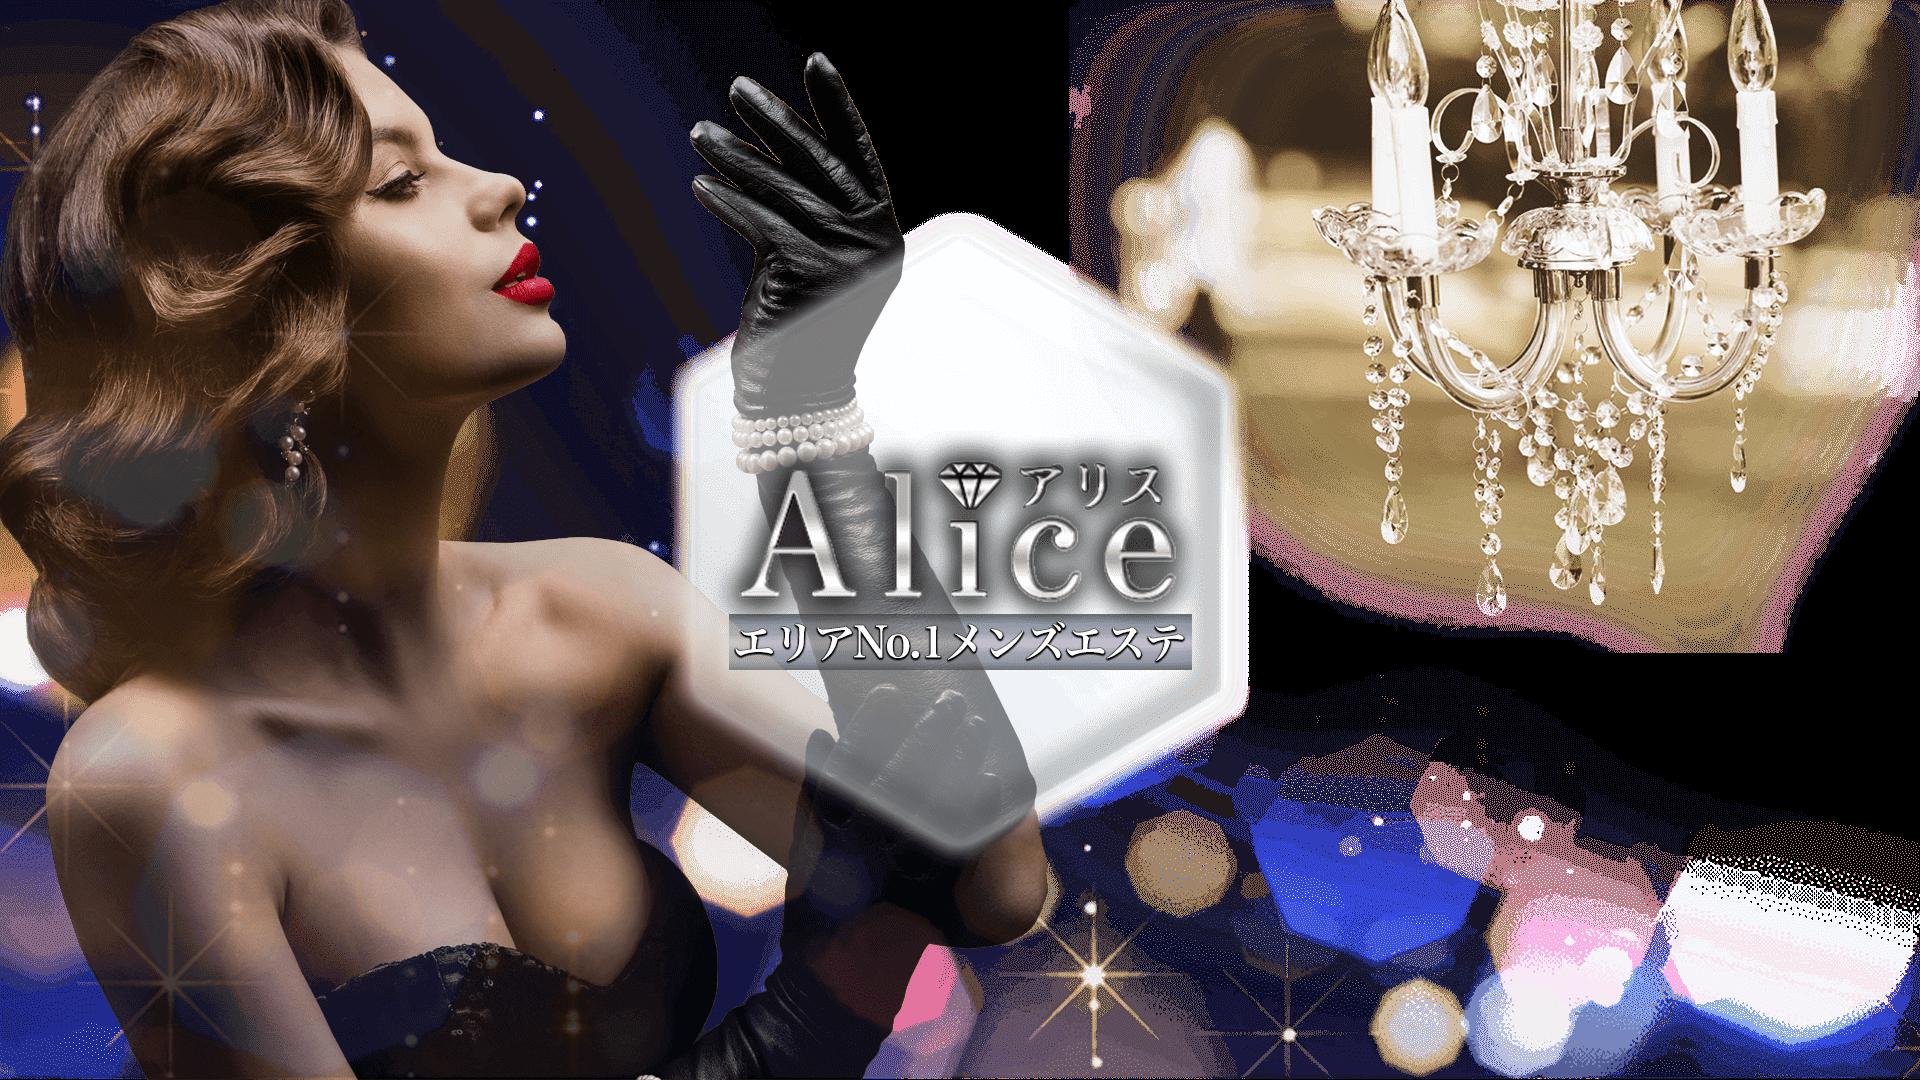 赤羽の高級メンズエステ『Alice~アリス~』。全室高級ワンルーム・完全予約制。